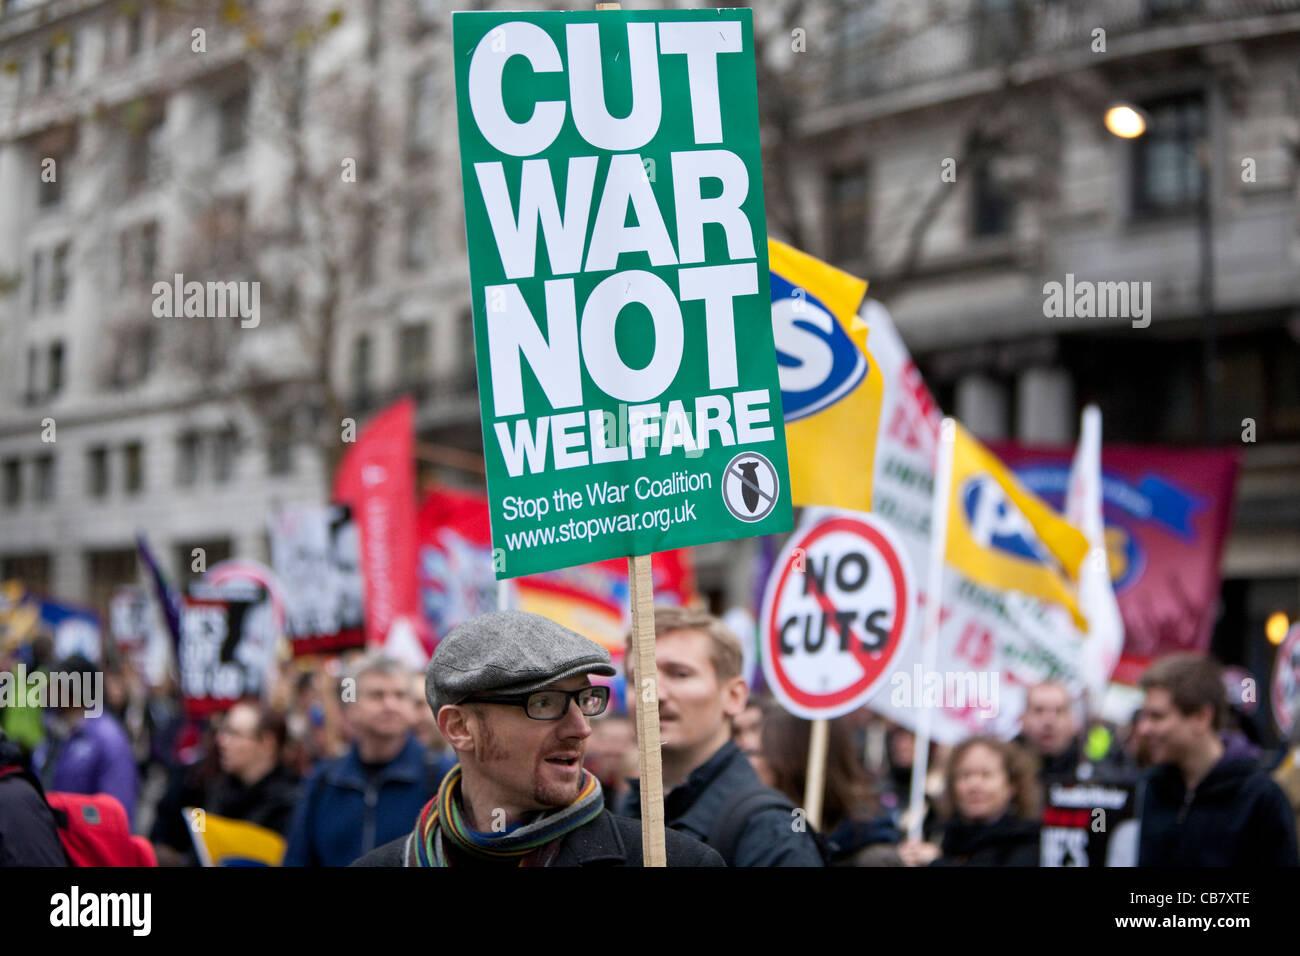 Settore pubblico sciopero (sindacati) Londra, Inghilterra, 2011 Immagini Stock